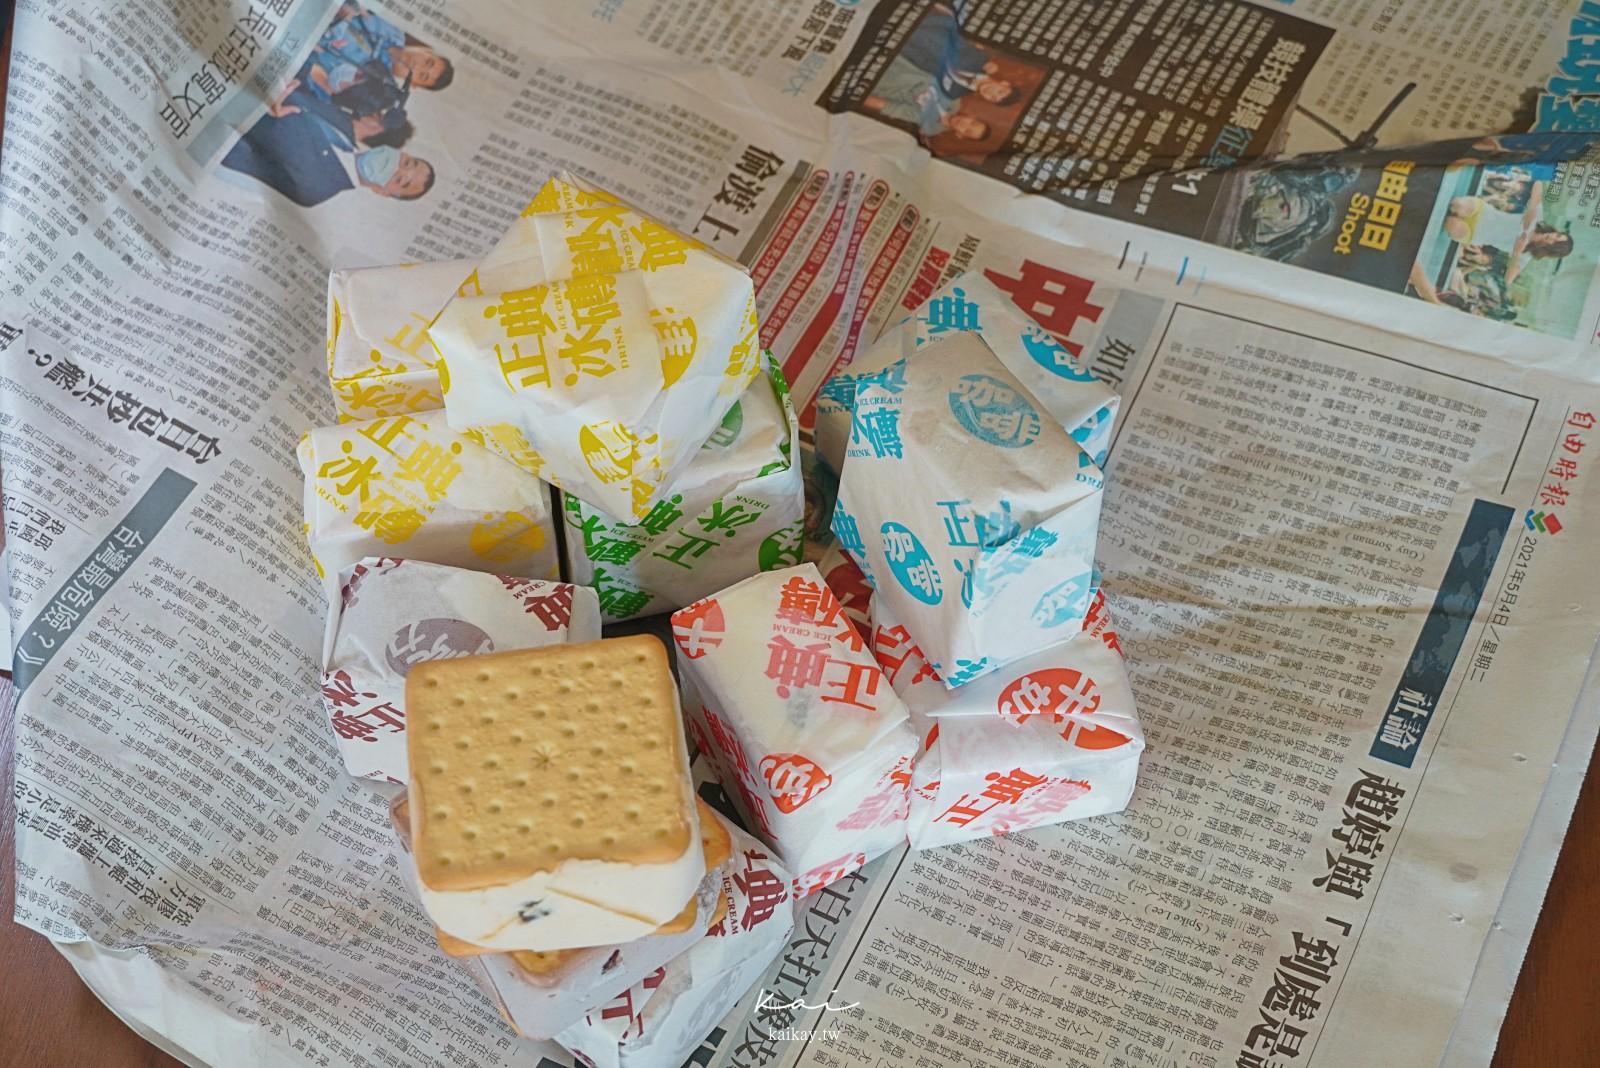 ☆【南投美食】正典牛乳大王-這家冰磚沒吃到,別說你來過中興新村(菜單、宅配、訂購)